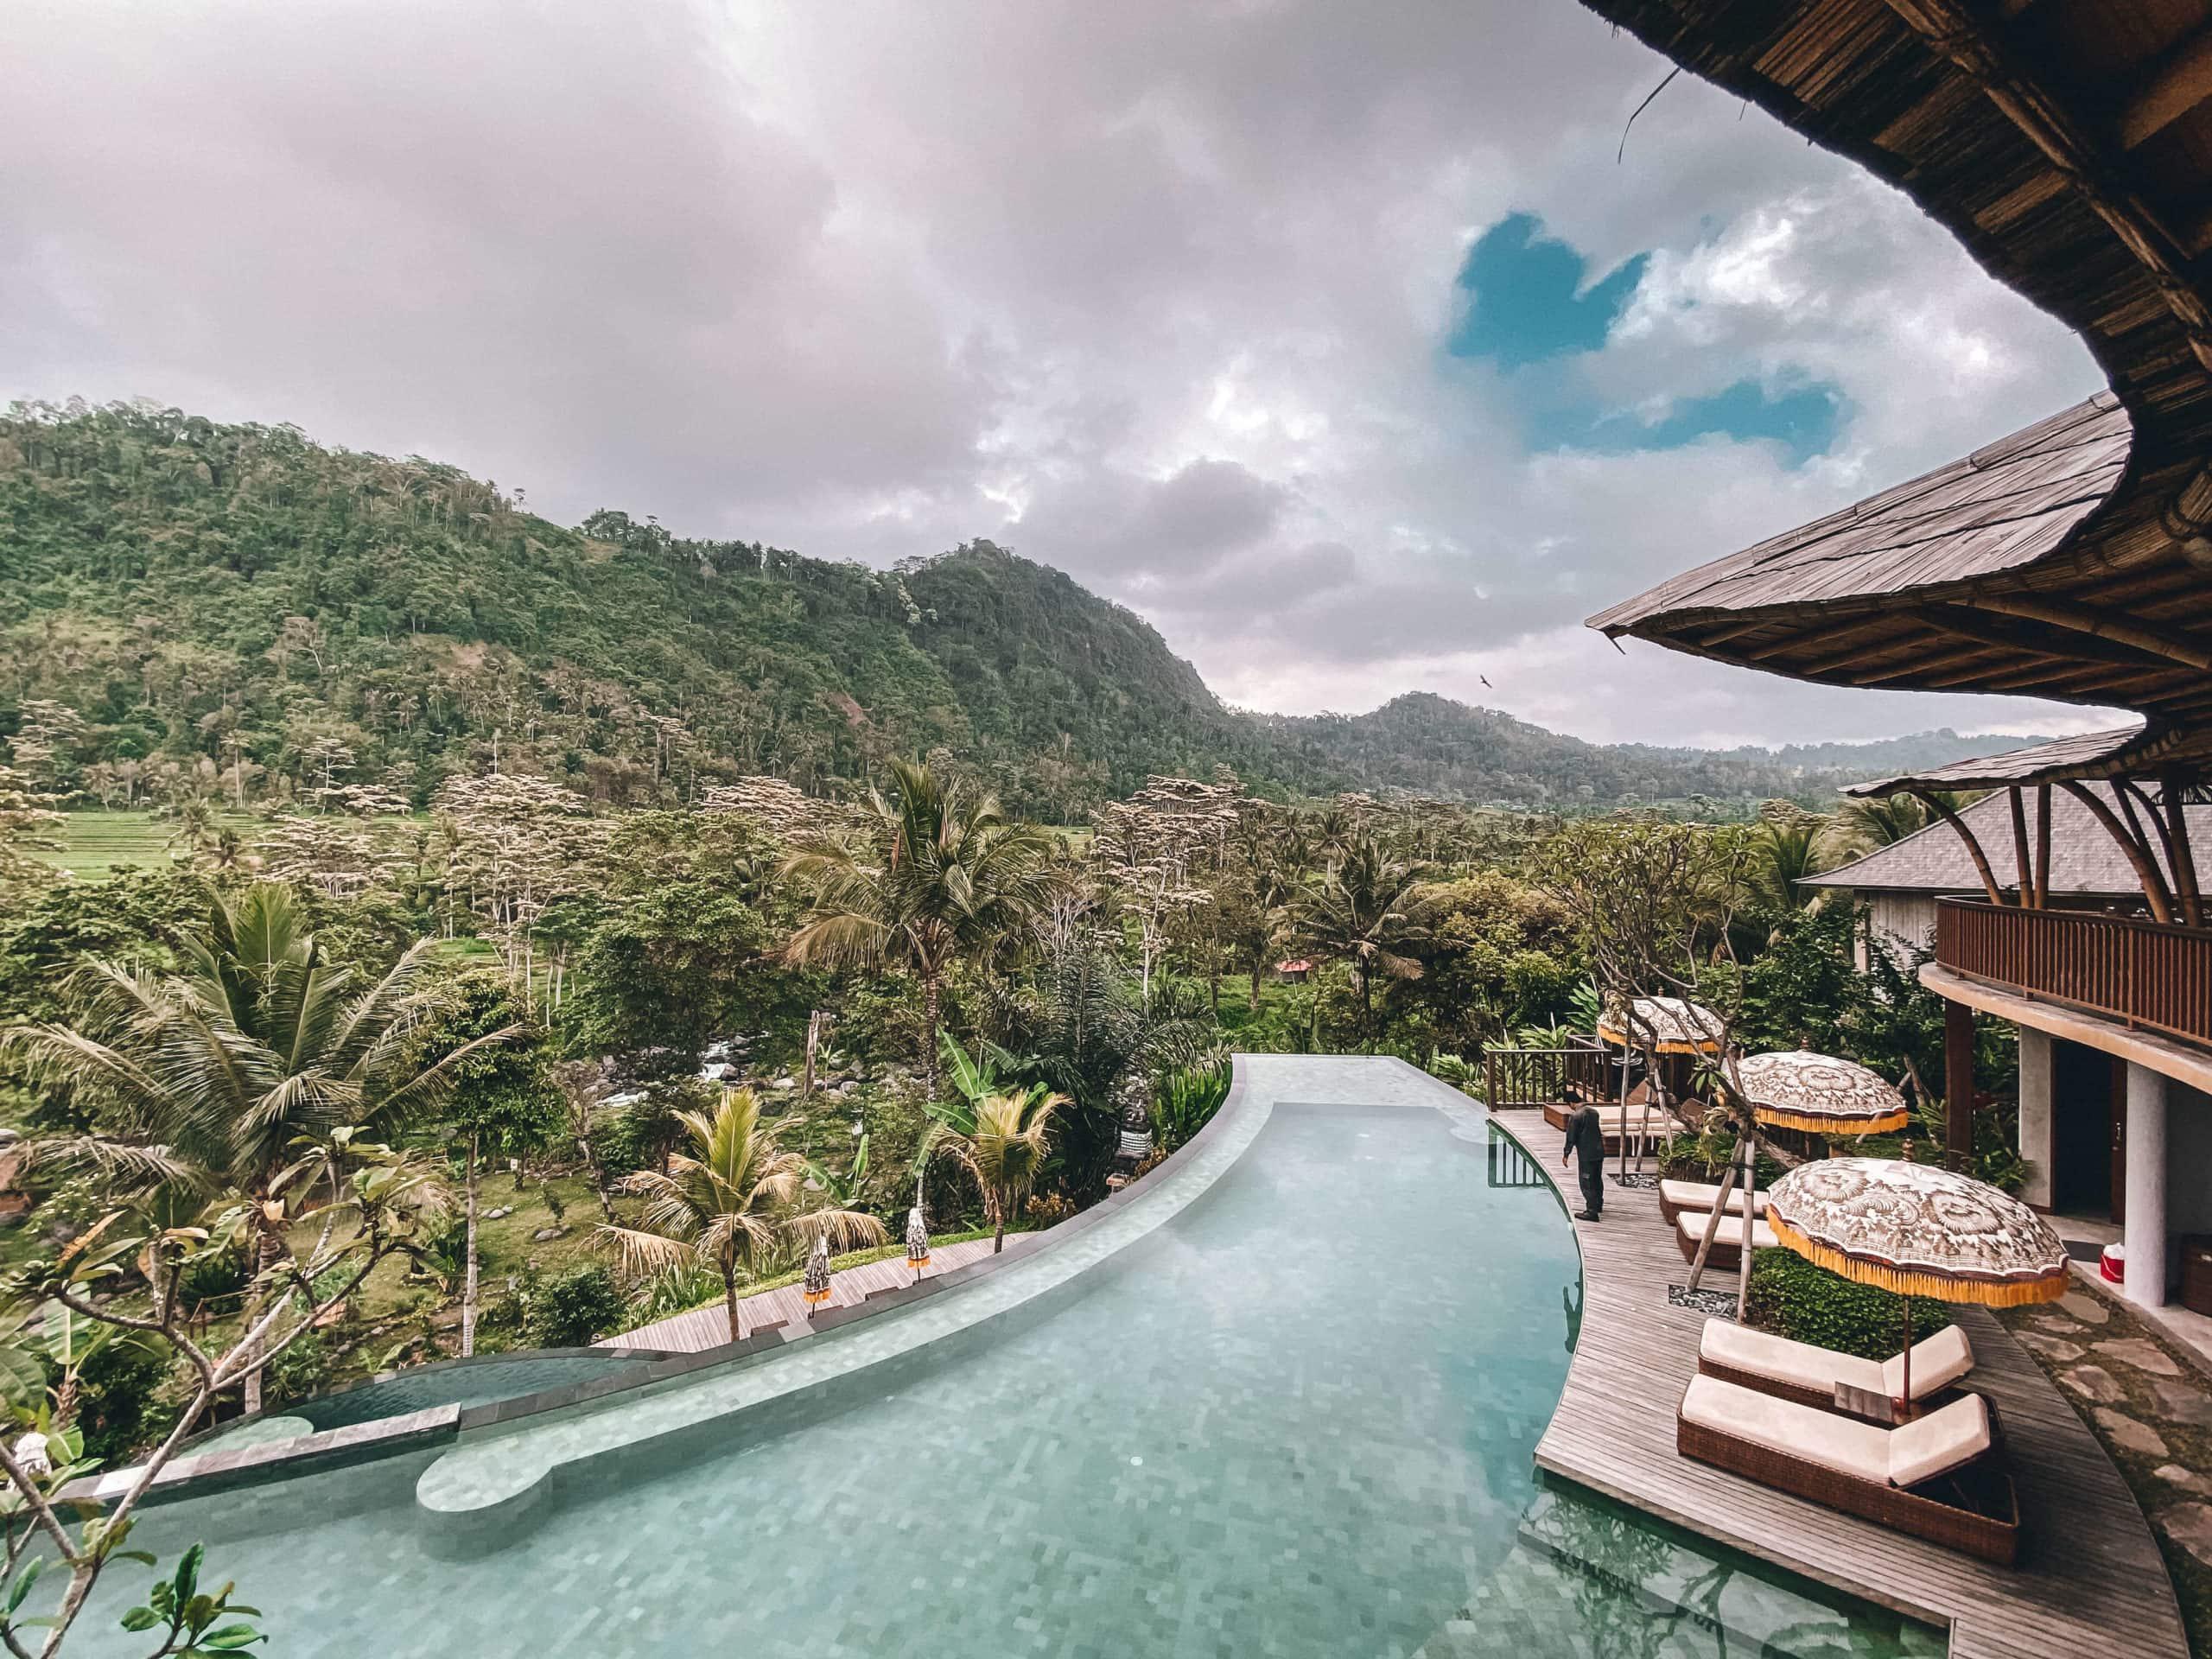 Wapa di Ume hotel in Bali